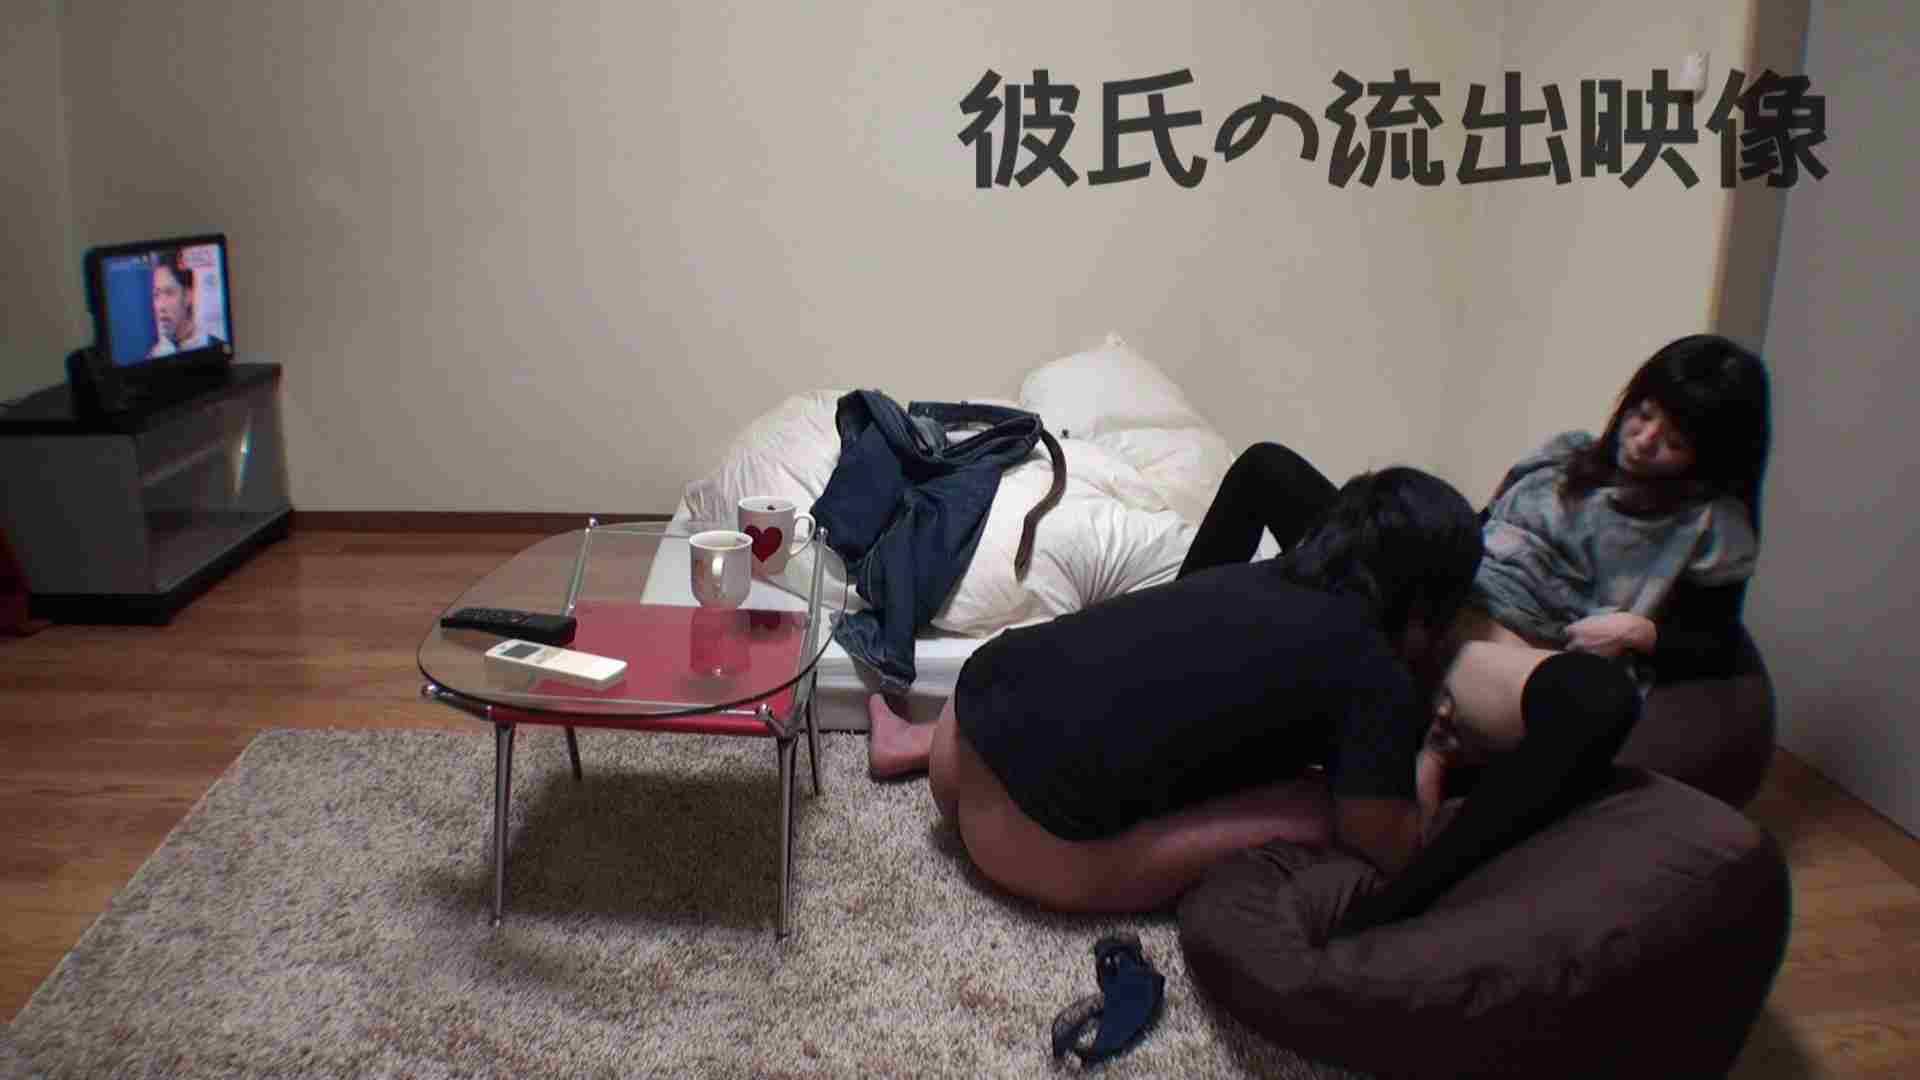 彼氏が流出 パイパン素人嬢のハメ撮り映像02 一般投稿 | ギャル達のSEX  61画像 17